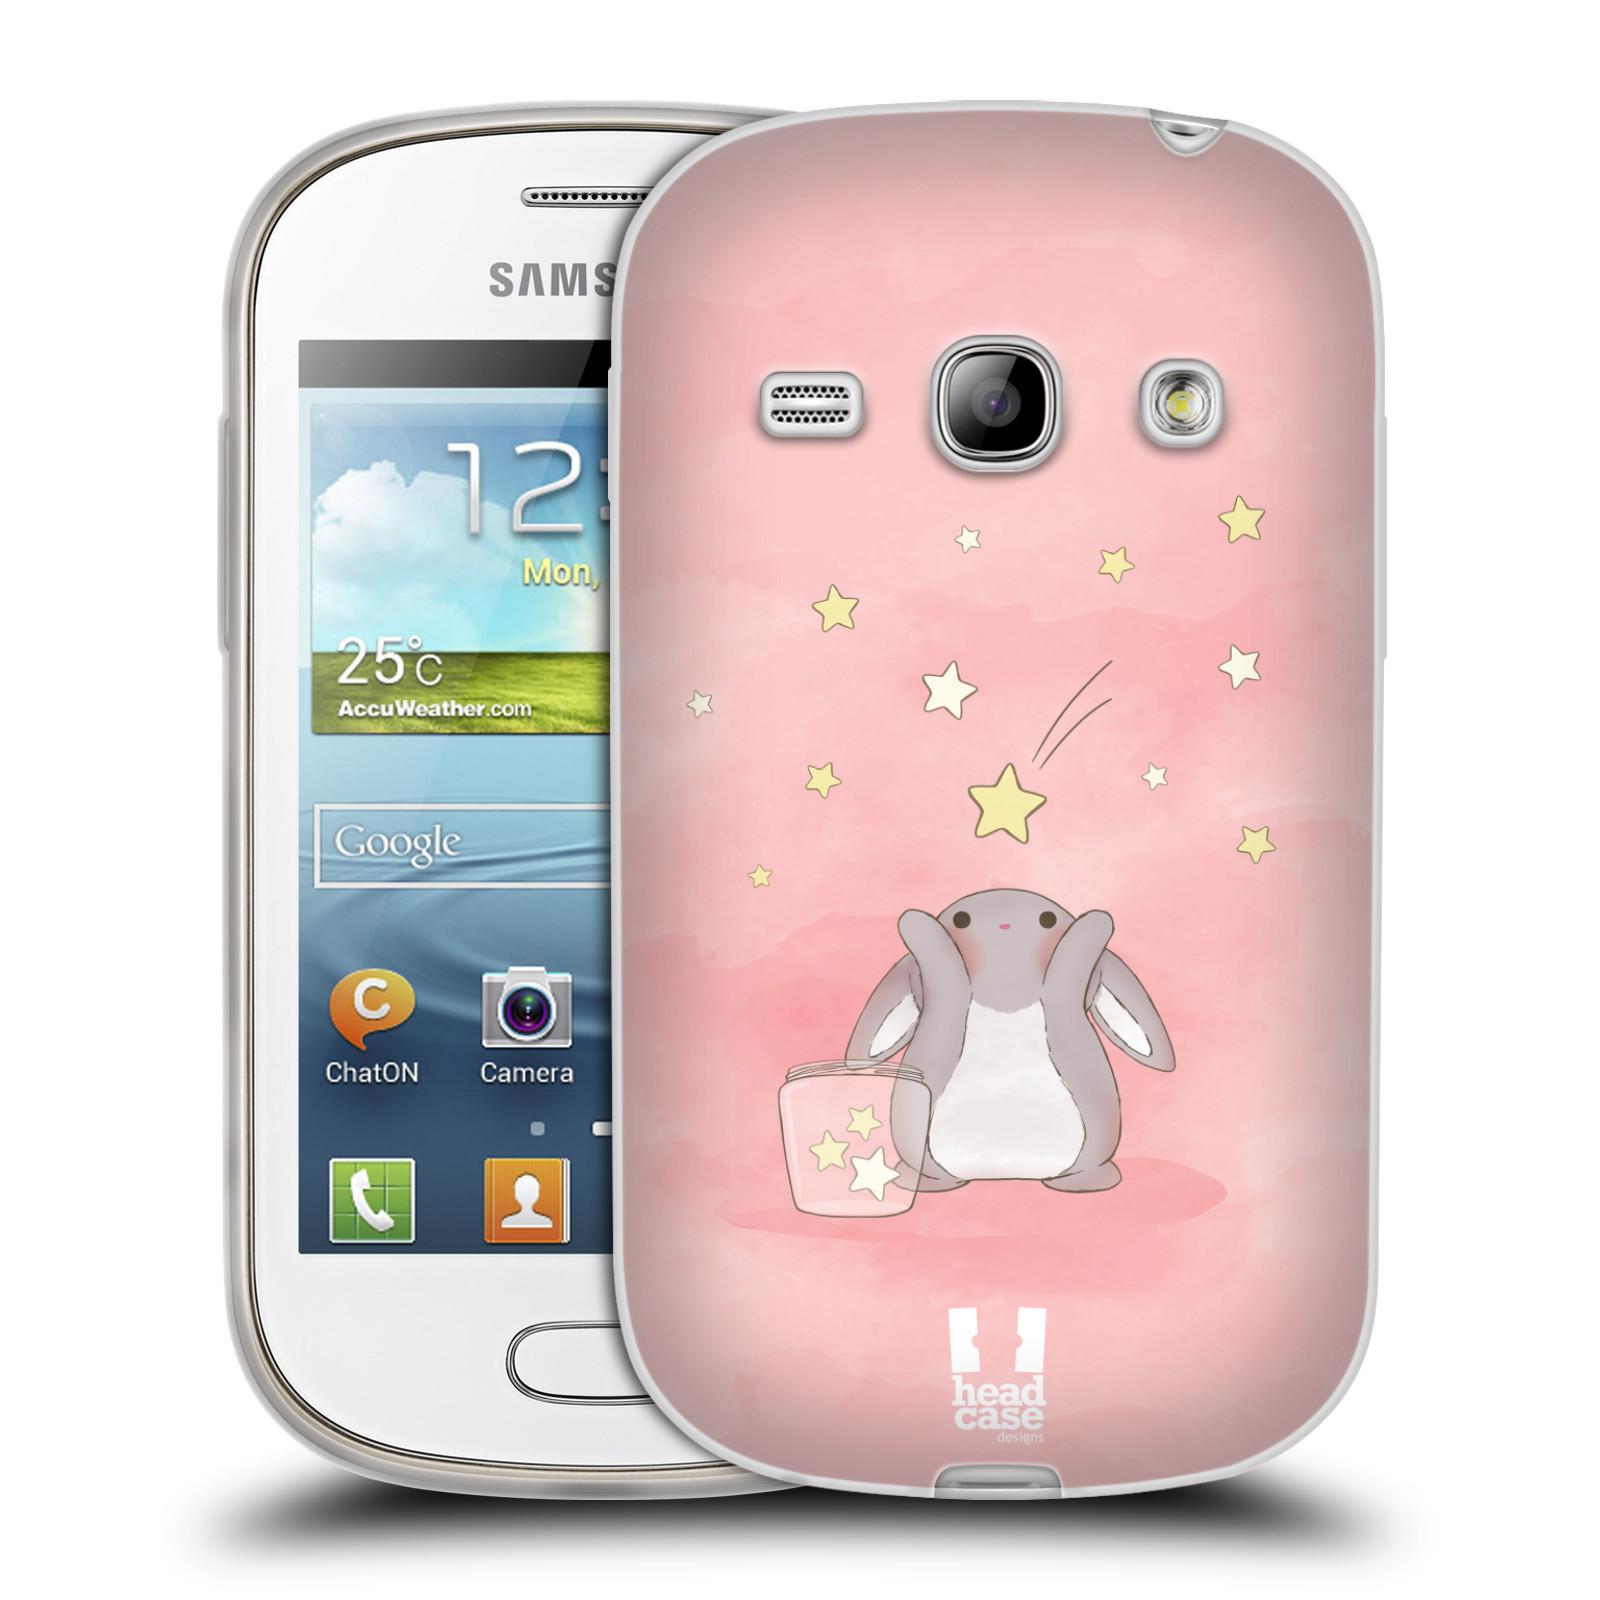 HEAD CASE silikonový obal na mobil Samsung Galaxy FAME vzor králíček a hvězdy růžová